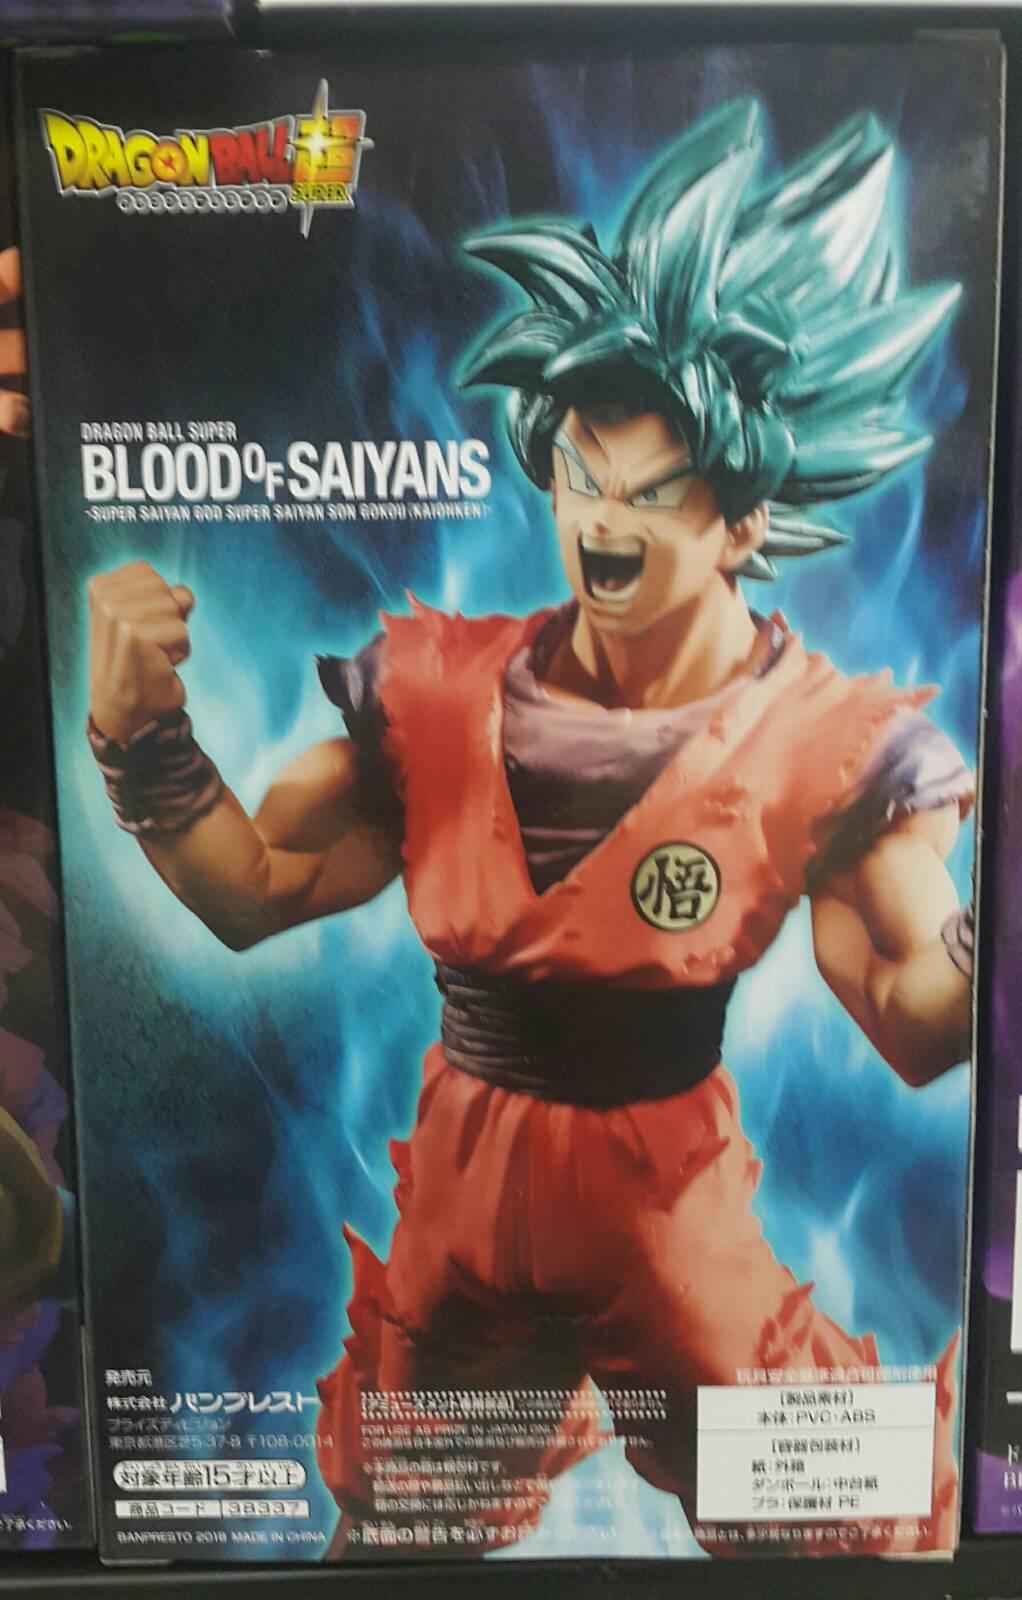 (มี1กล่อง รอเมลฉบับที่2 ยืนยันก่อนโอน )DB SUPER BLOOD OF SAIYANS -SUPER SAIYAN GOD SUPER SAIYAN SON GOKOU(KAIOHKEN)-